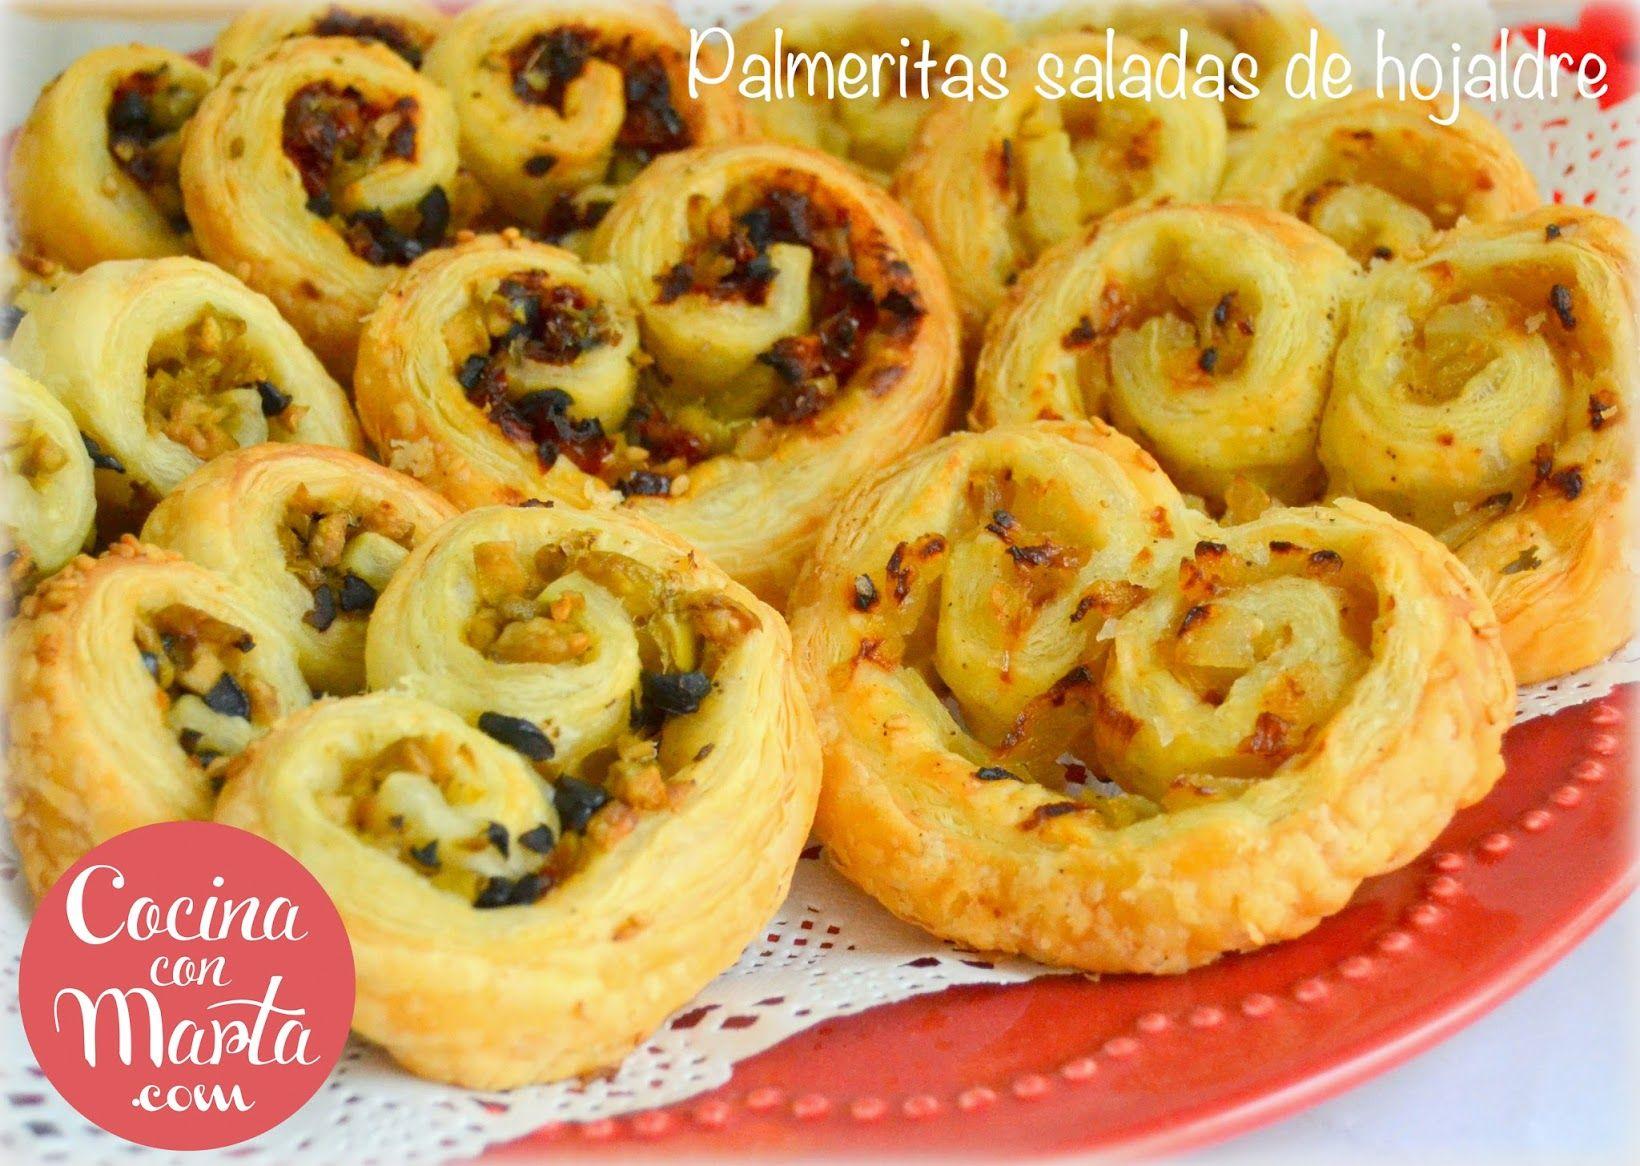 Receta De Cocina Rapida | Palmeras Saladas Hojaldre Palmeritas Rellenas Palmeritas Caseras